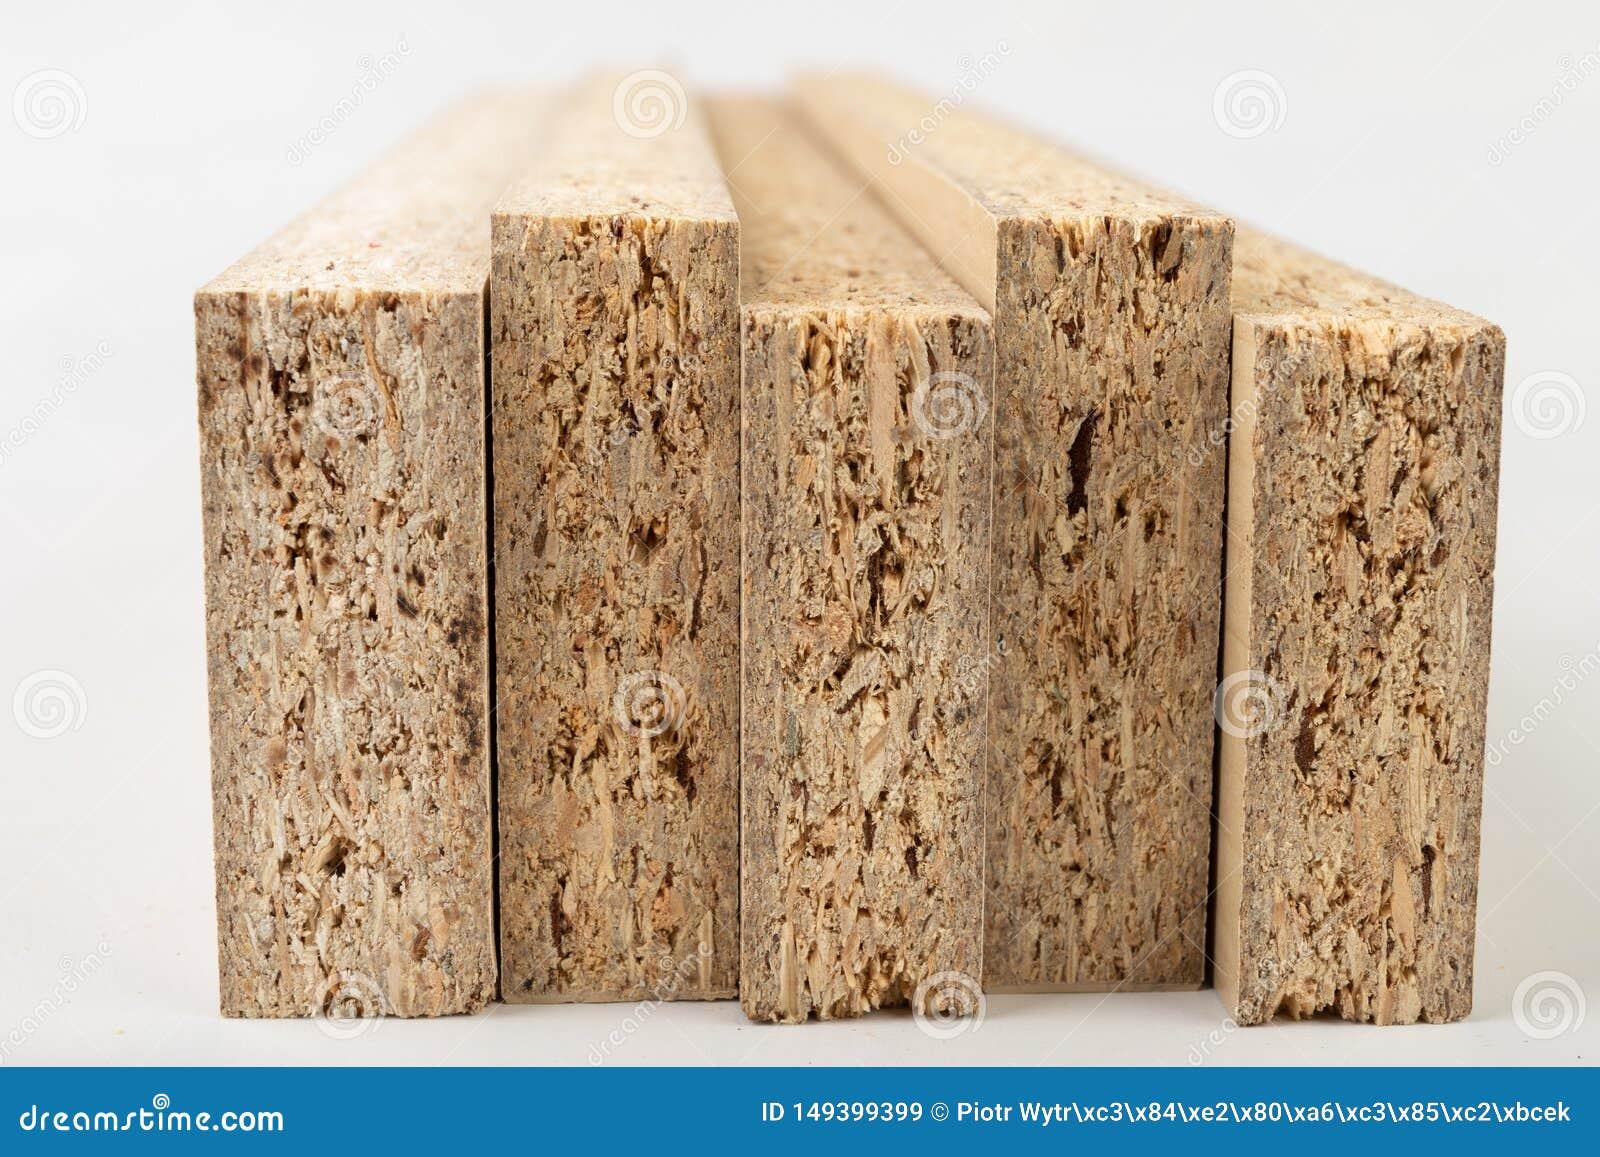 E Materialen voor timmerlieden om meubilair te bouwen